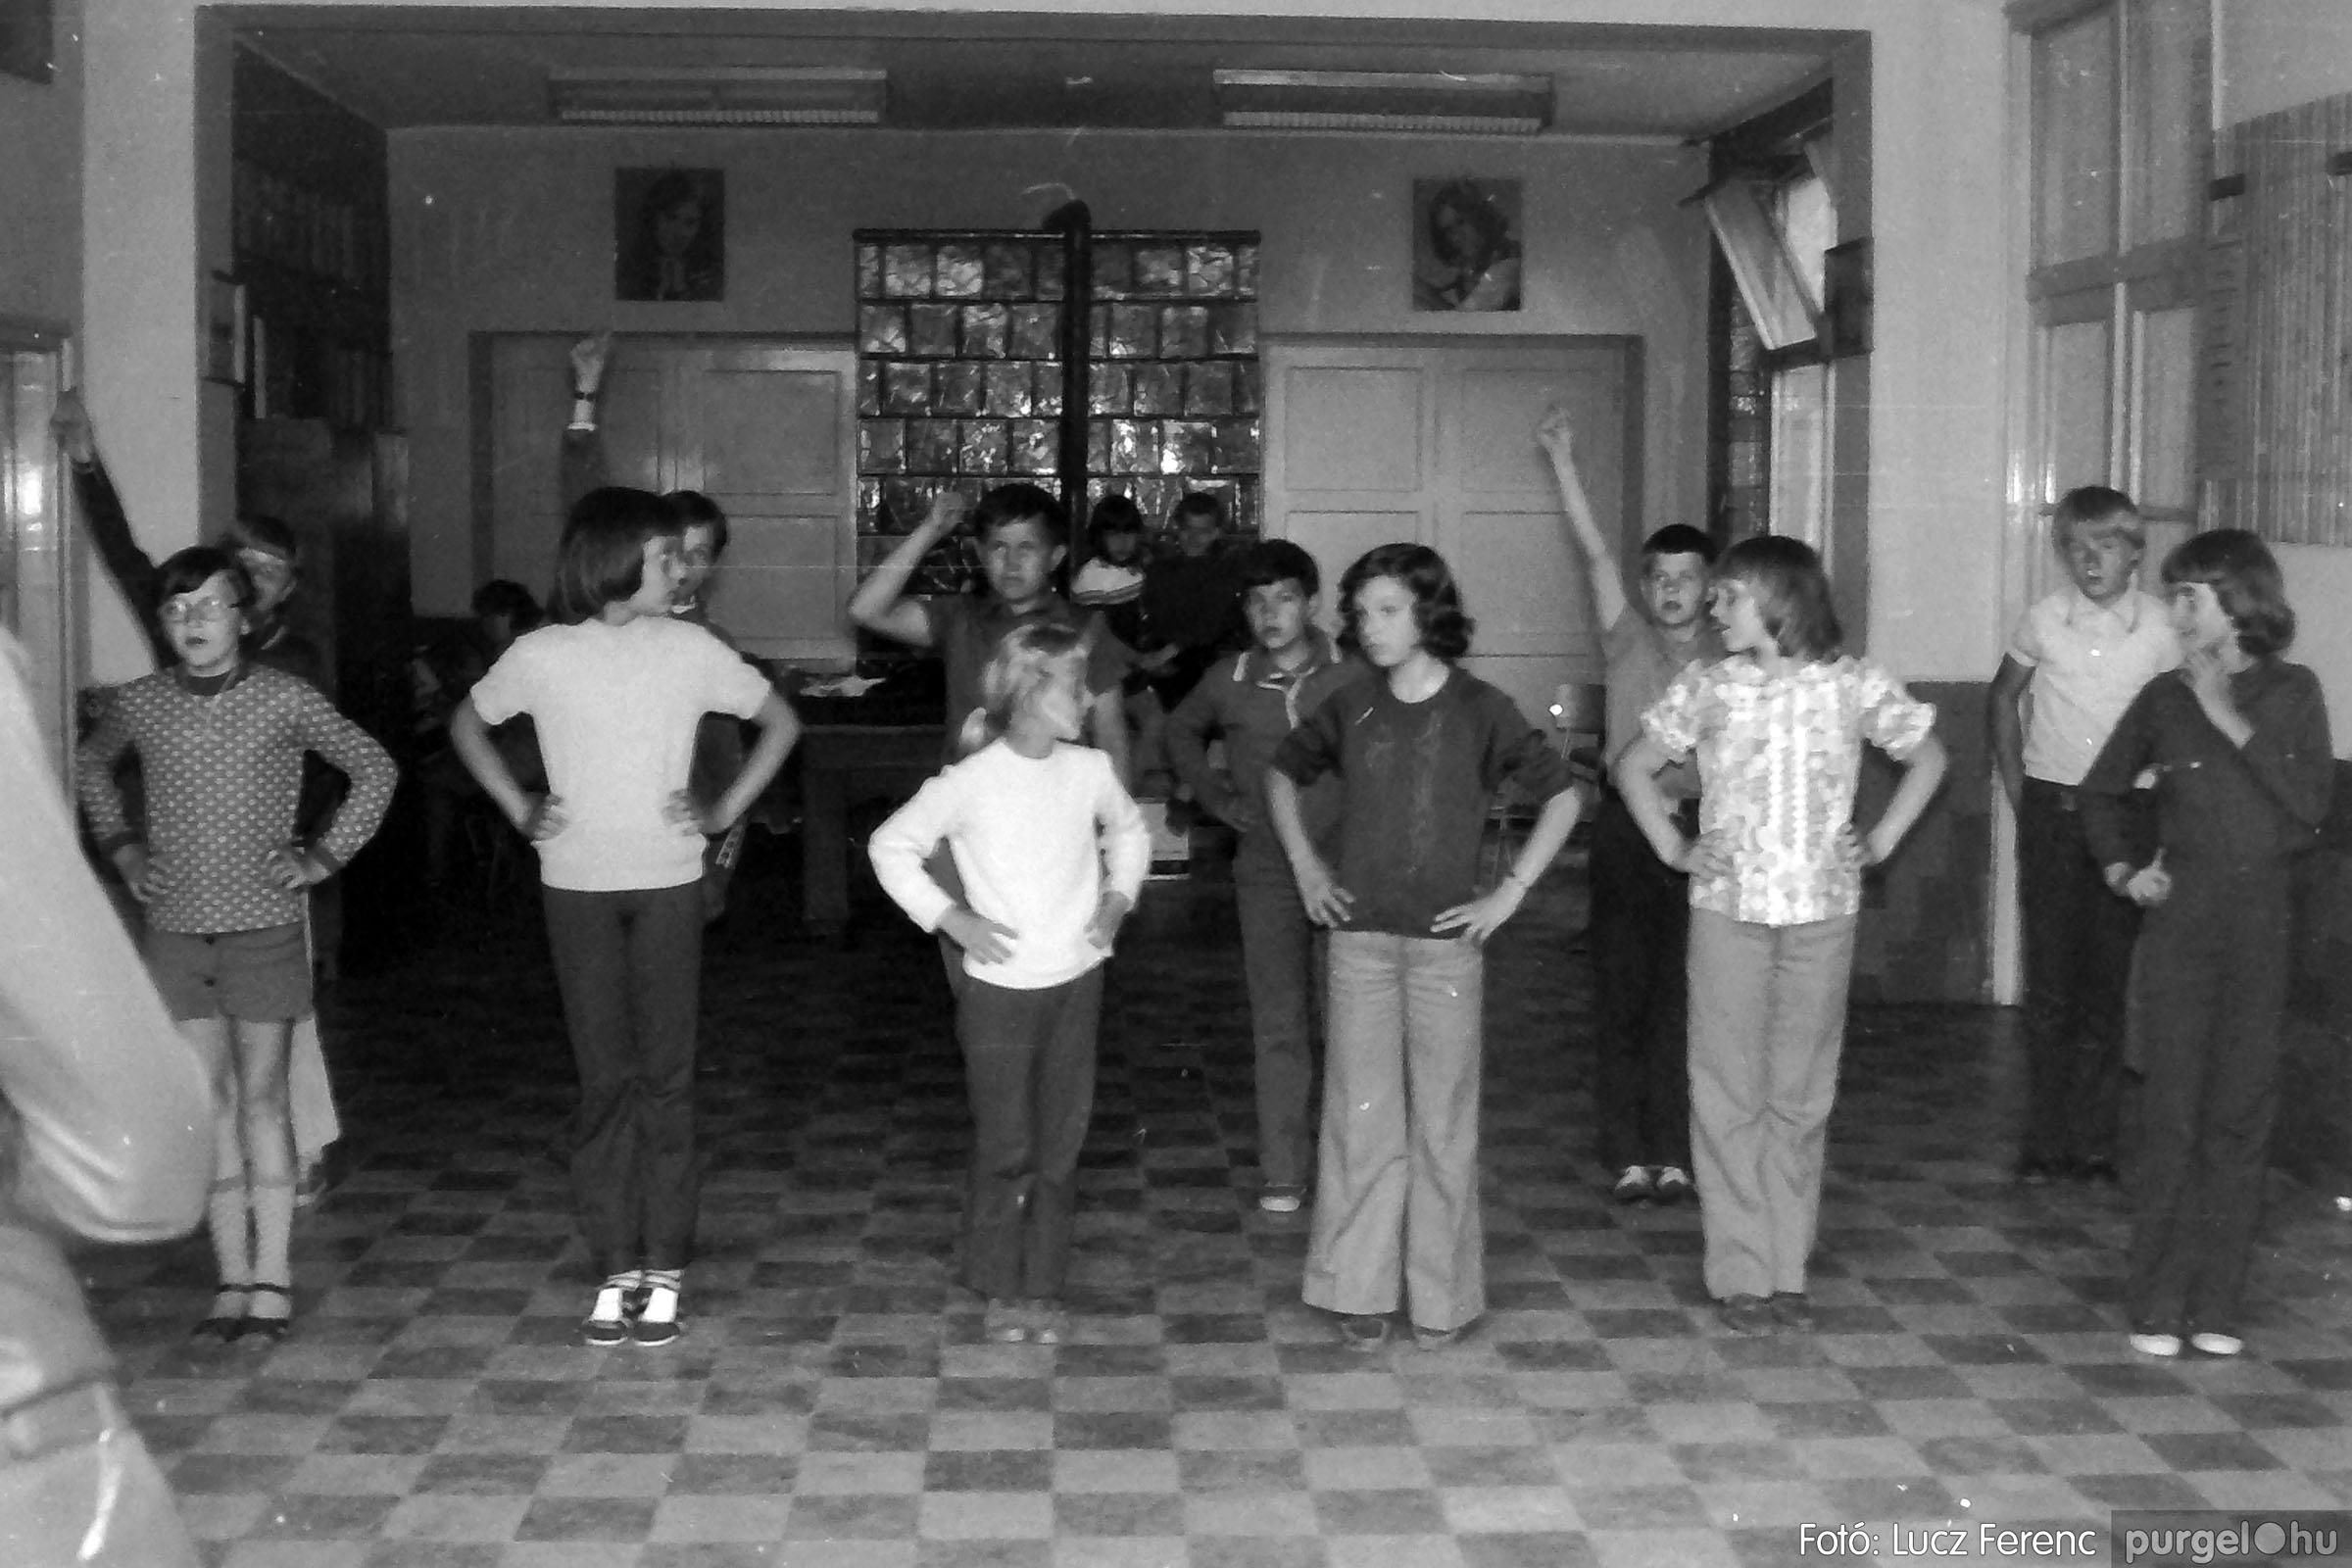 018-019 1975. Élet a kultúrházban 027 - Fotó: Lucz Ferenc IMG00074q.jpg